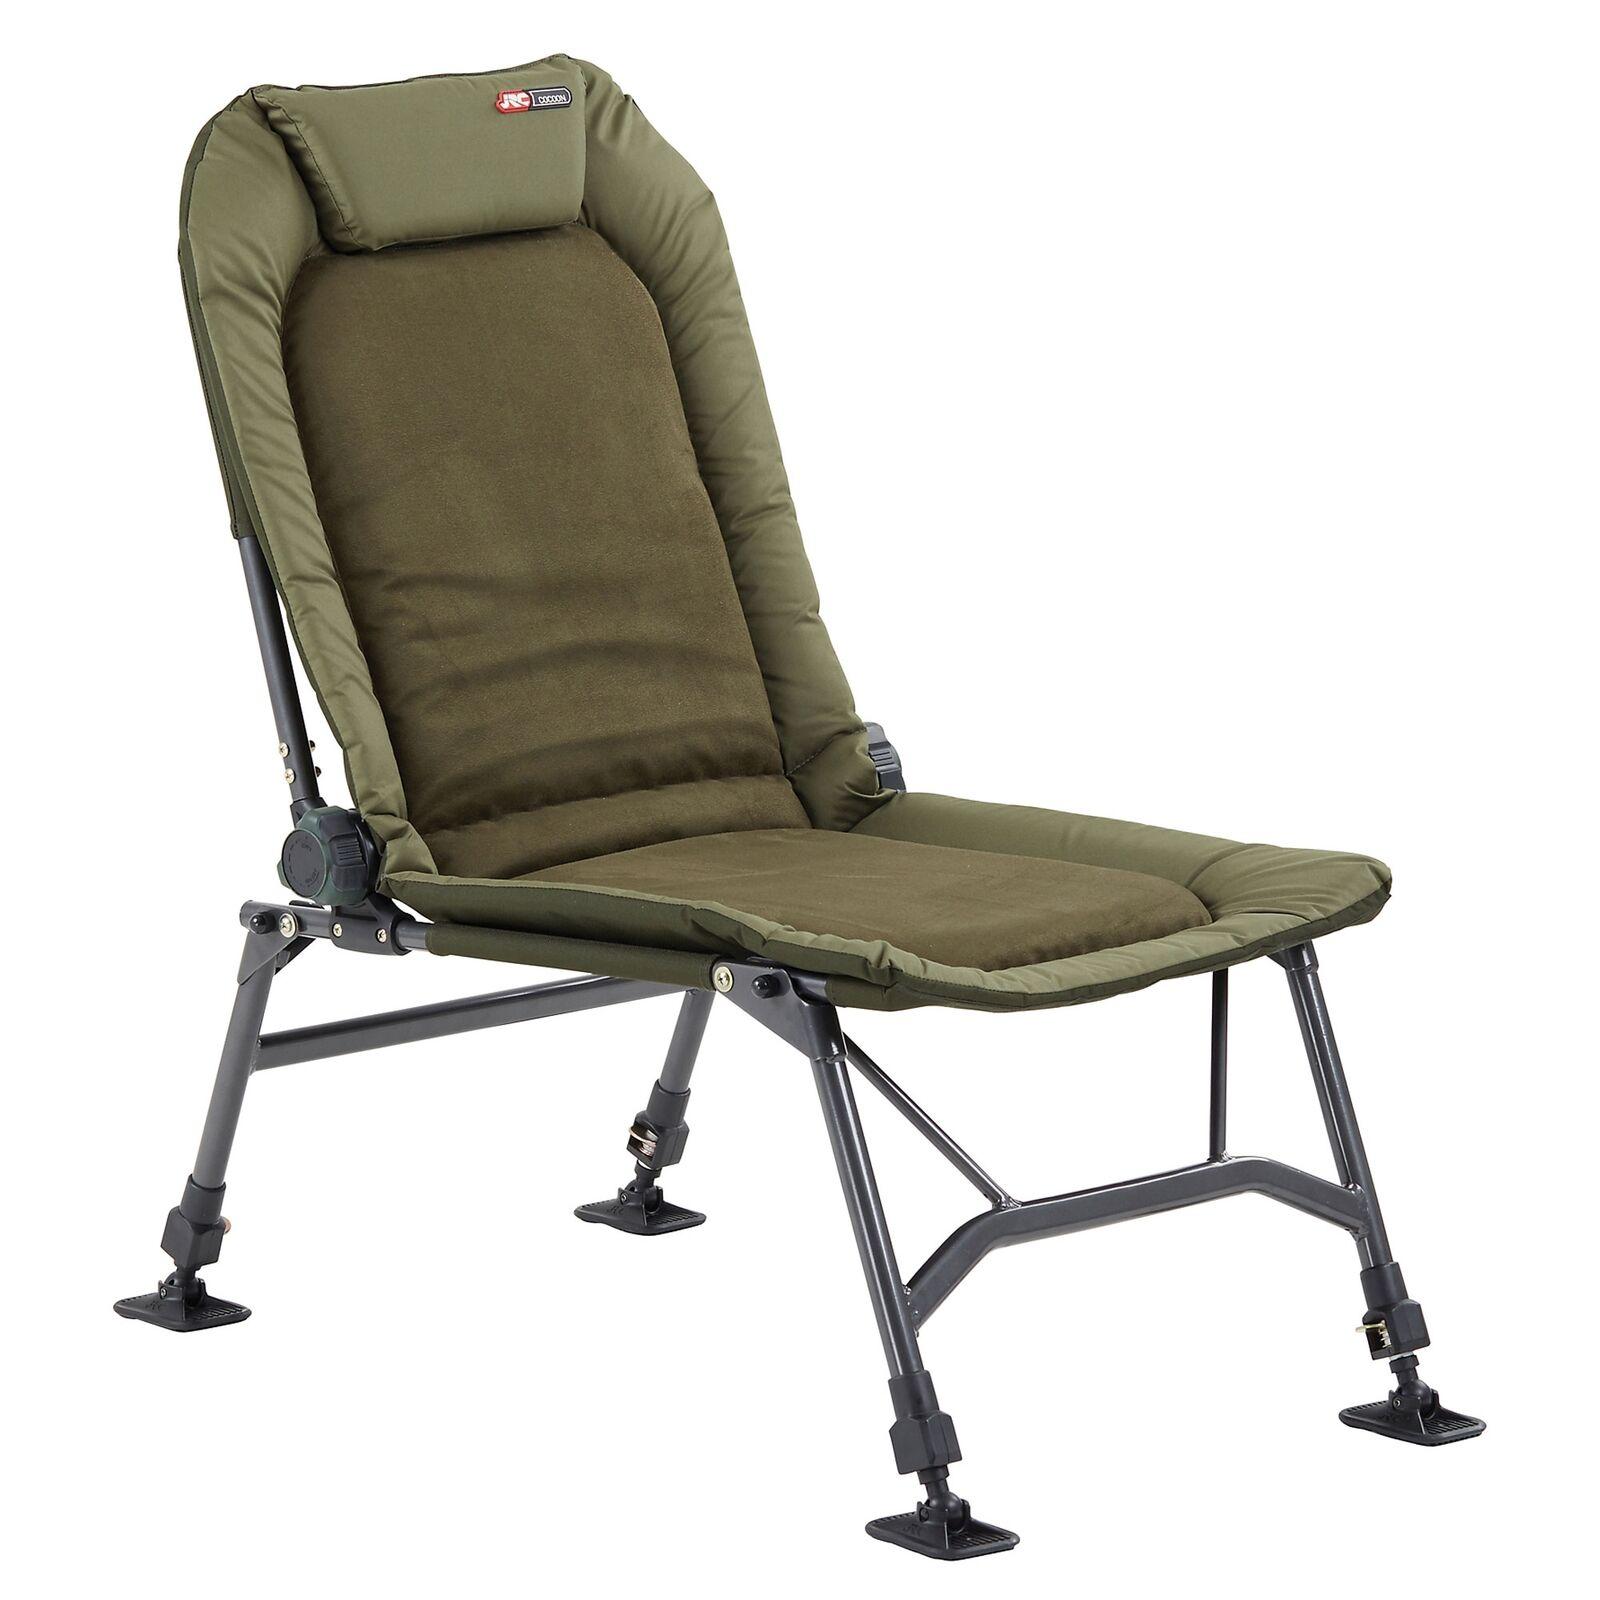 JRC Cocoon 2G Recliner Chair Karpfenstuhl Angelstuhl Angelstuhl Angelstuhl Klappstuhl Bis 150kg 10d163